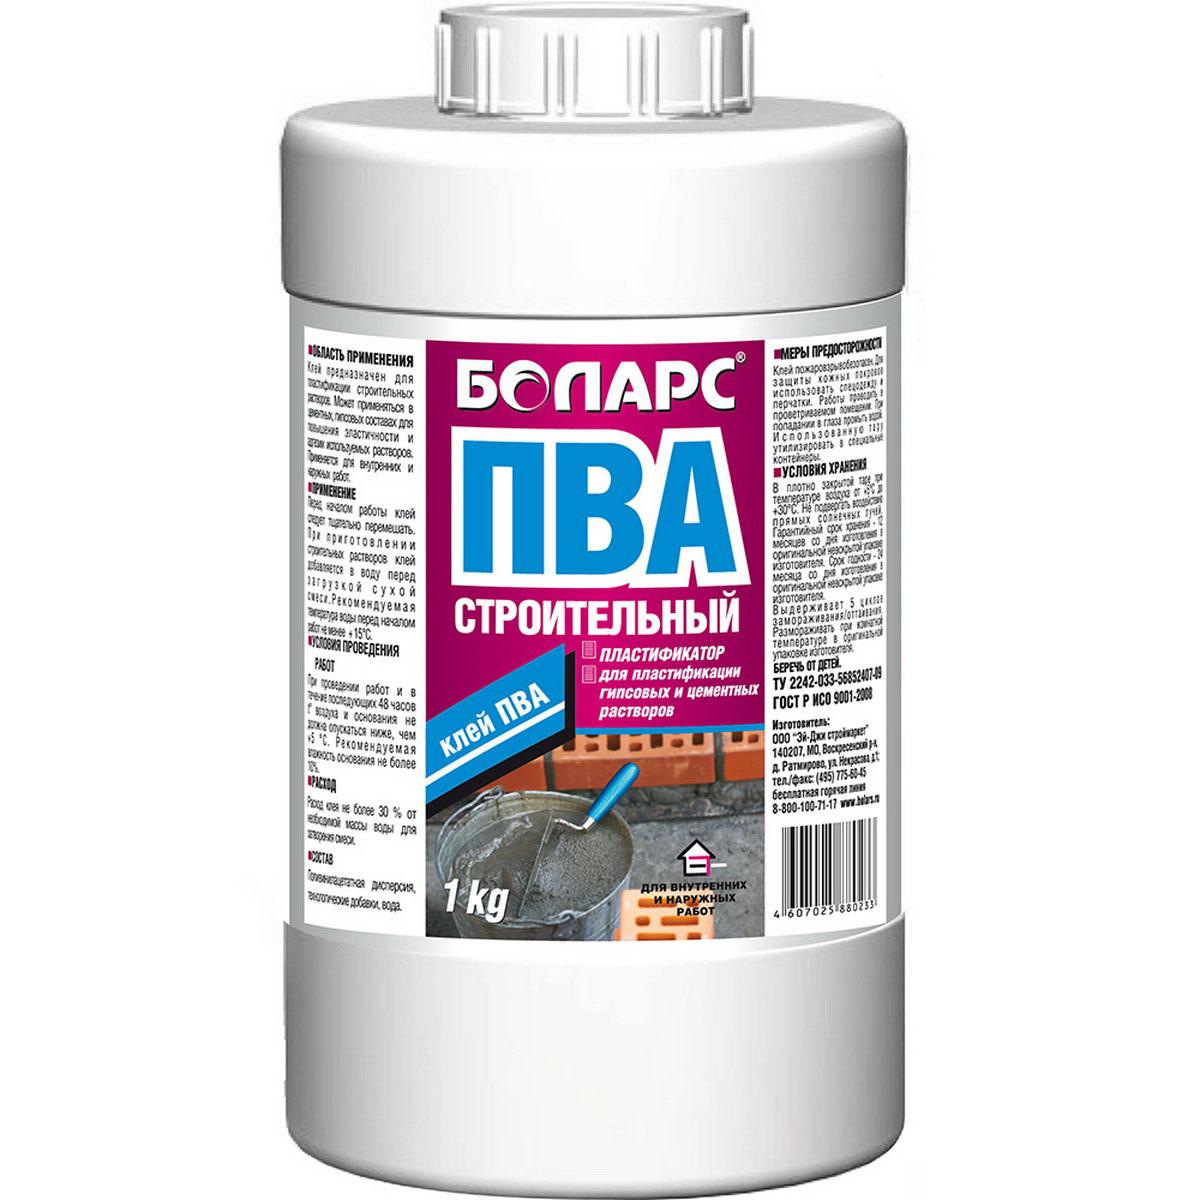 Клей ПВА Боларс, пластификатор, 1 кгTD 0033Клей ПВА Боларс предназначен для пластификации строительных растворов. Может применяться в цементных, гипсовых составах для повышения эластичности и адгезии используемых растворов. Подходит для внутренних и наружных работ. Состав: поливинилацетатная дисперсия, технологические добавки, вода.Цвет: белый.pH: 5,5-7,0.Расход: 200-300 г/л.Морозостойкость: 5 циклов.Температура проведения работ: +5°С +30°С.Температура эксплуатации: +5°С +40°С.Размораживать продукт следует при комнатной температуре в оригинальной таре изготовителя. Гарантийный срок хранения – 12 месяцев со дня изготовления, в оригинальной невскрытой упаковке изготовителя.Срок годности – 24 месяца со дня изготовления, в оригинальной невскрытой упаковке изготовителя.